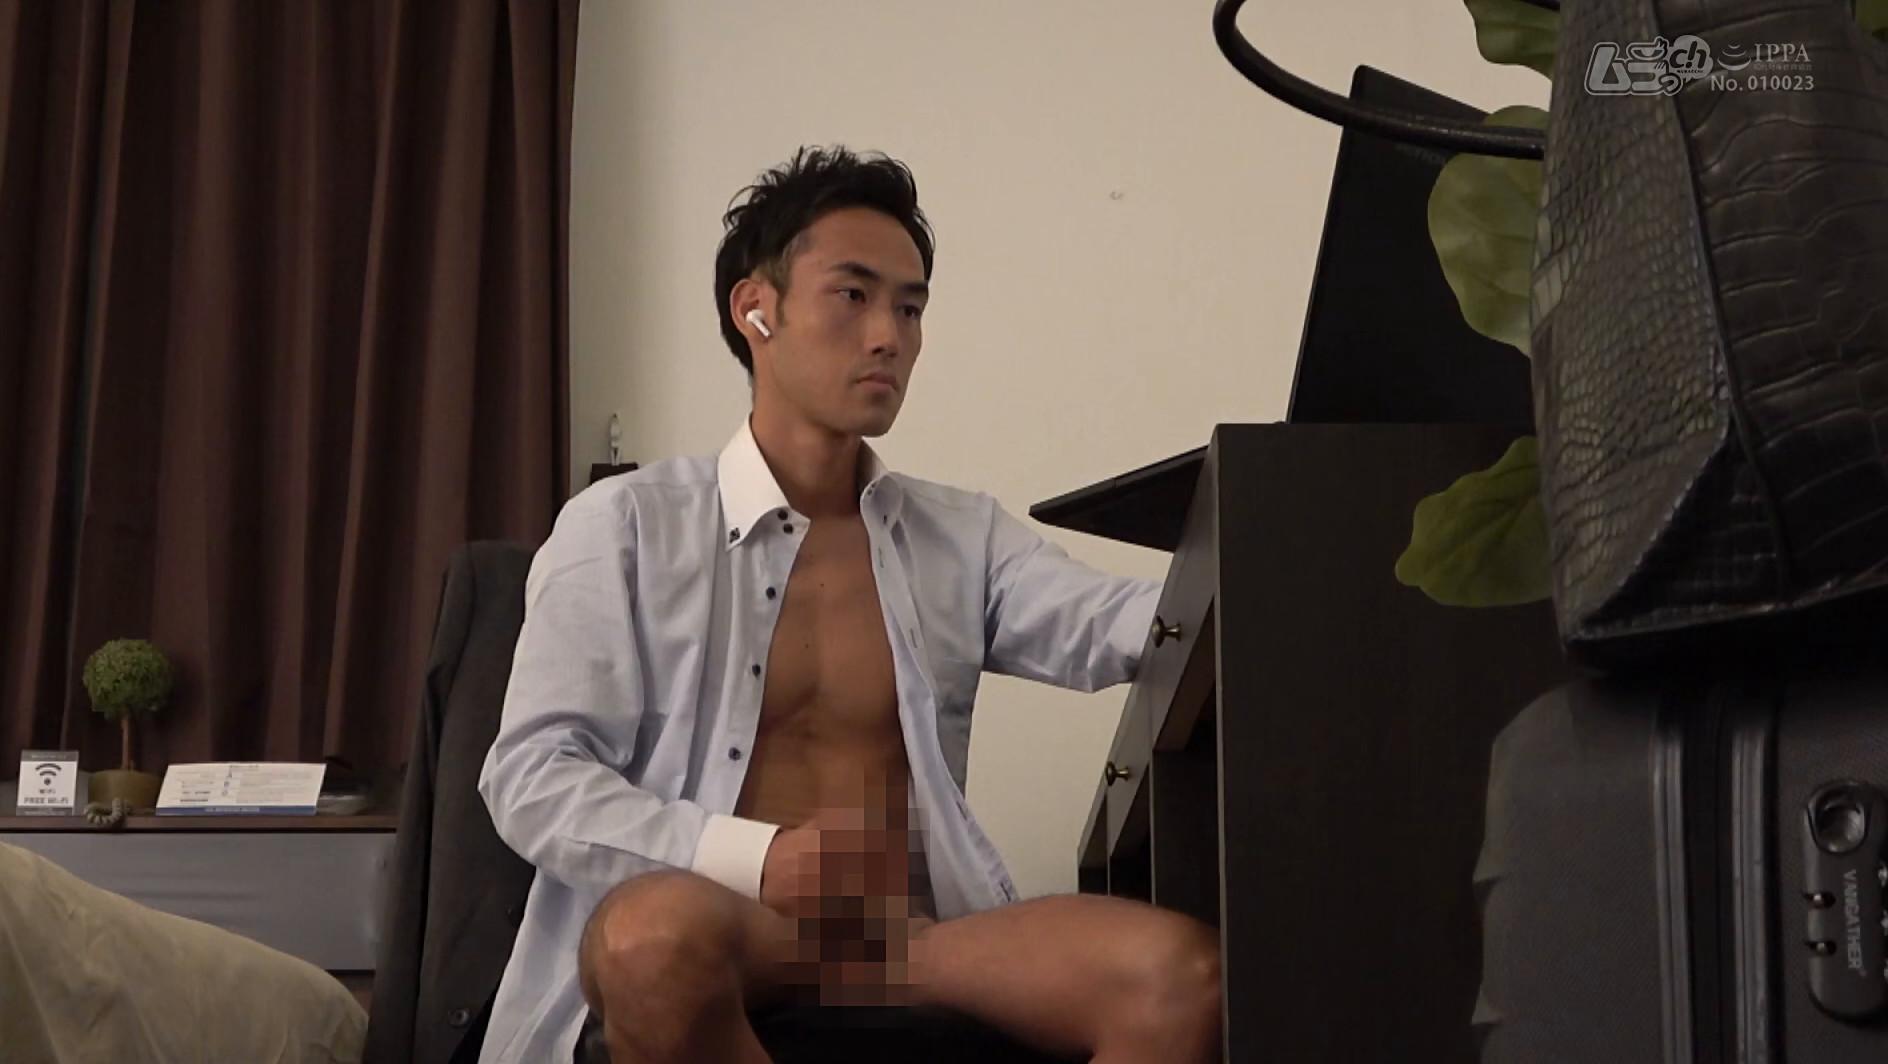 オトコノコのオナニー たけひろさん32歳